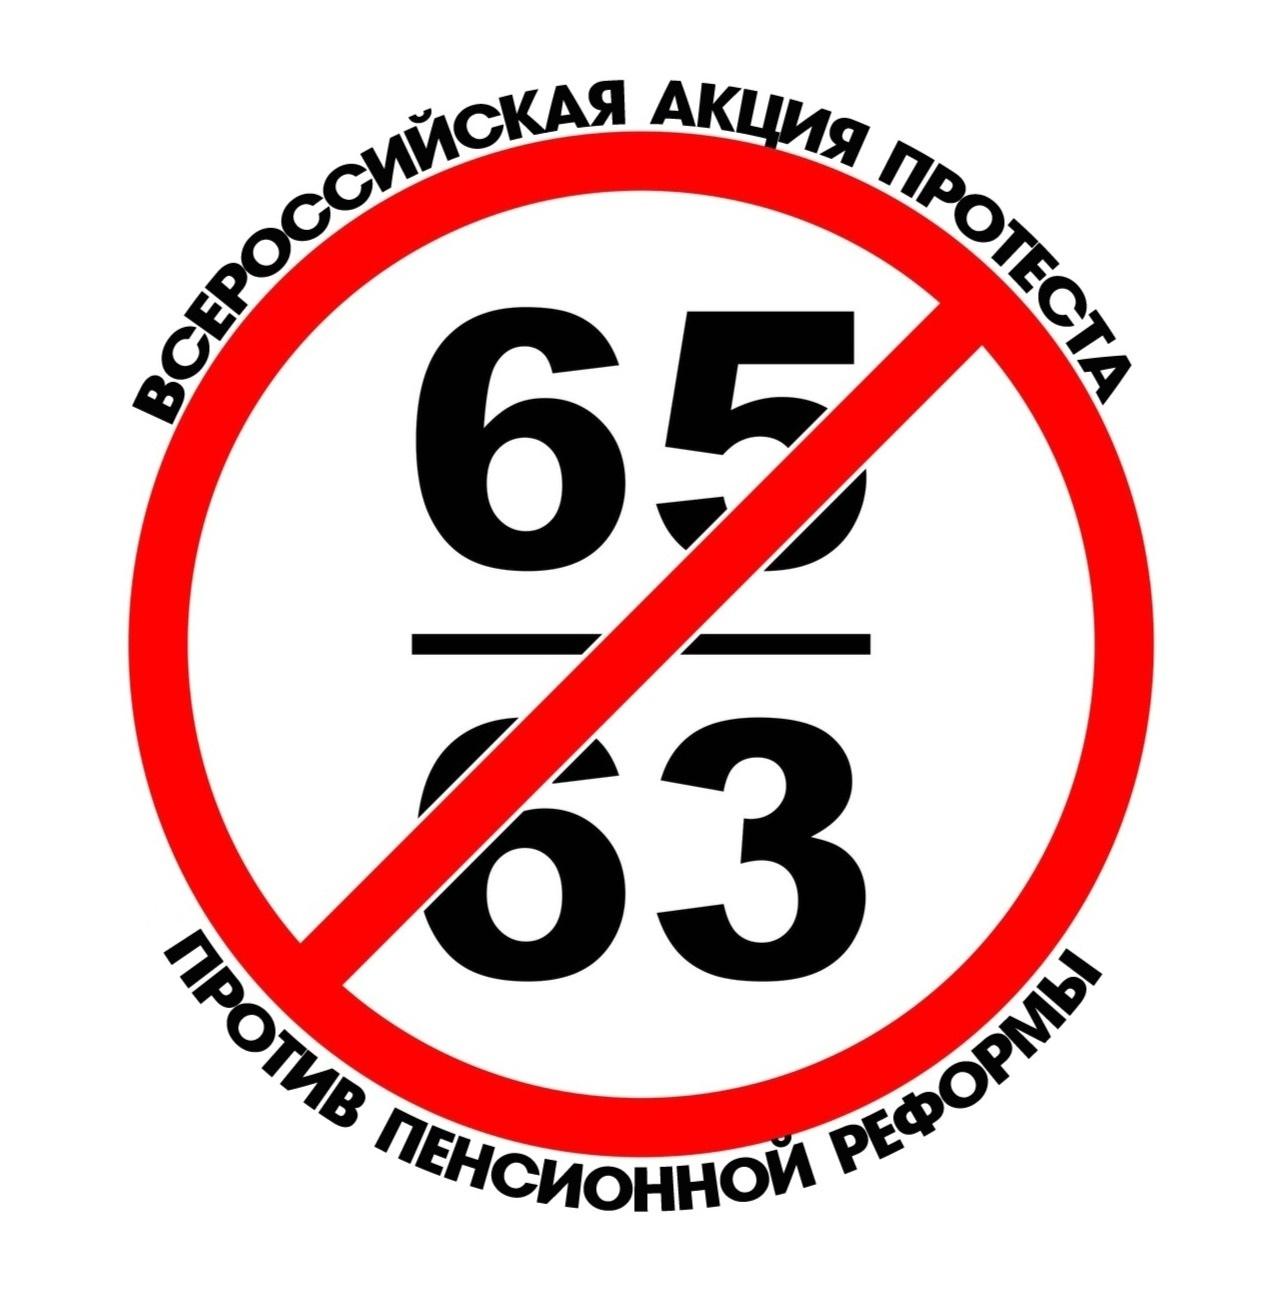 28 июля митинг против повышения пенсионного возраста